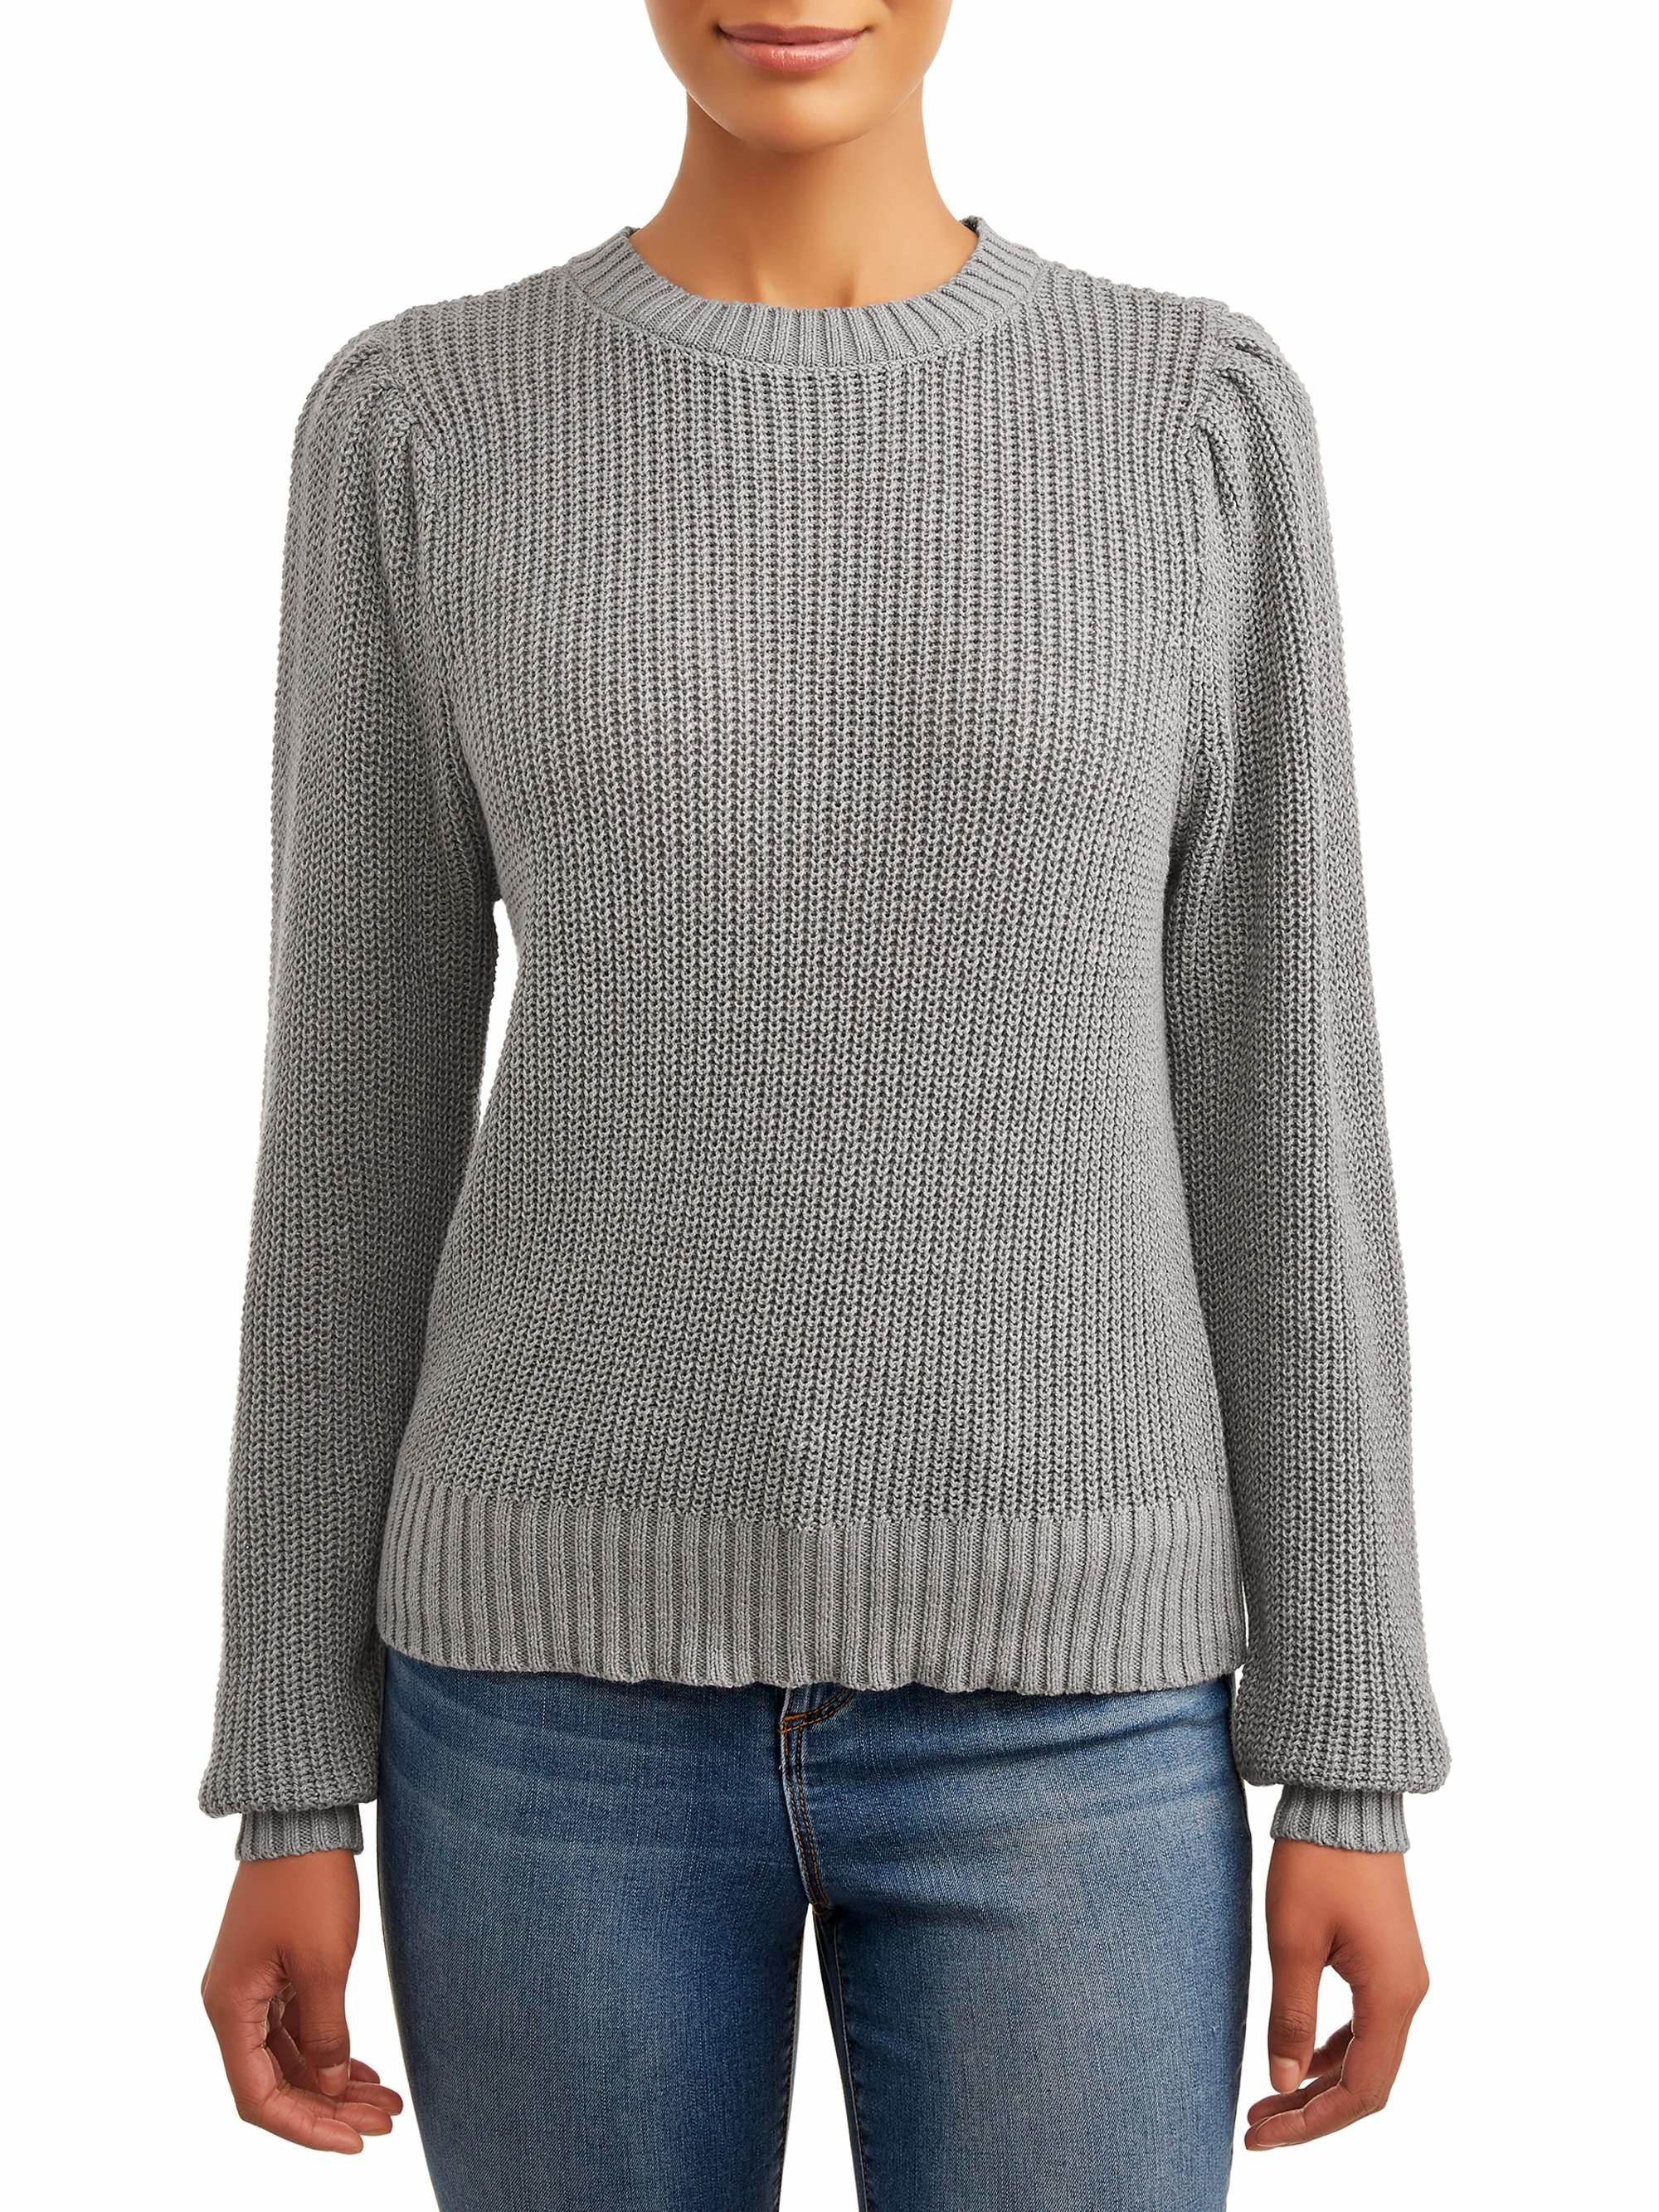 Model wears sweater in medium grey heather